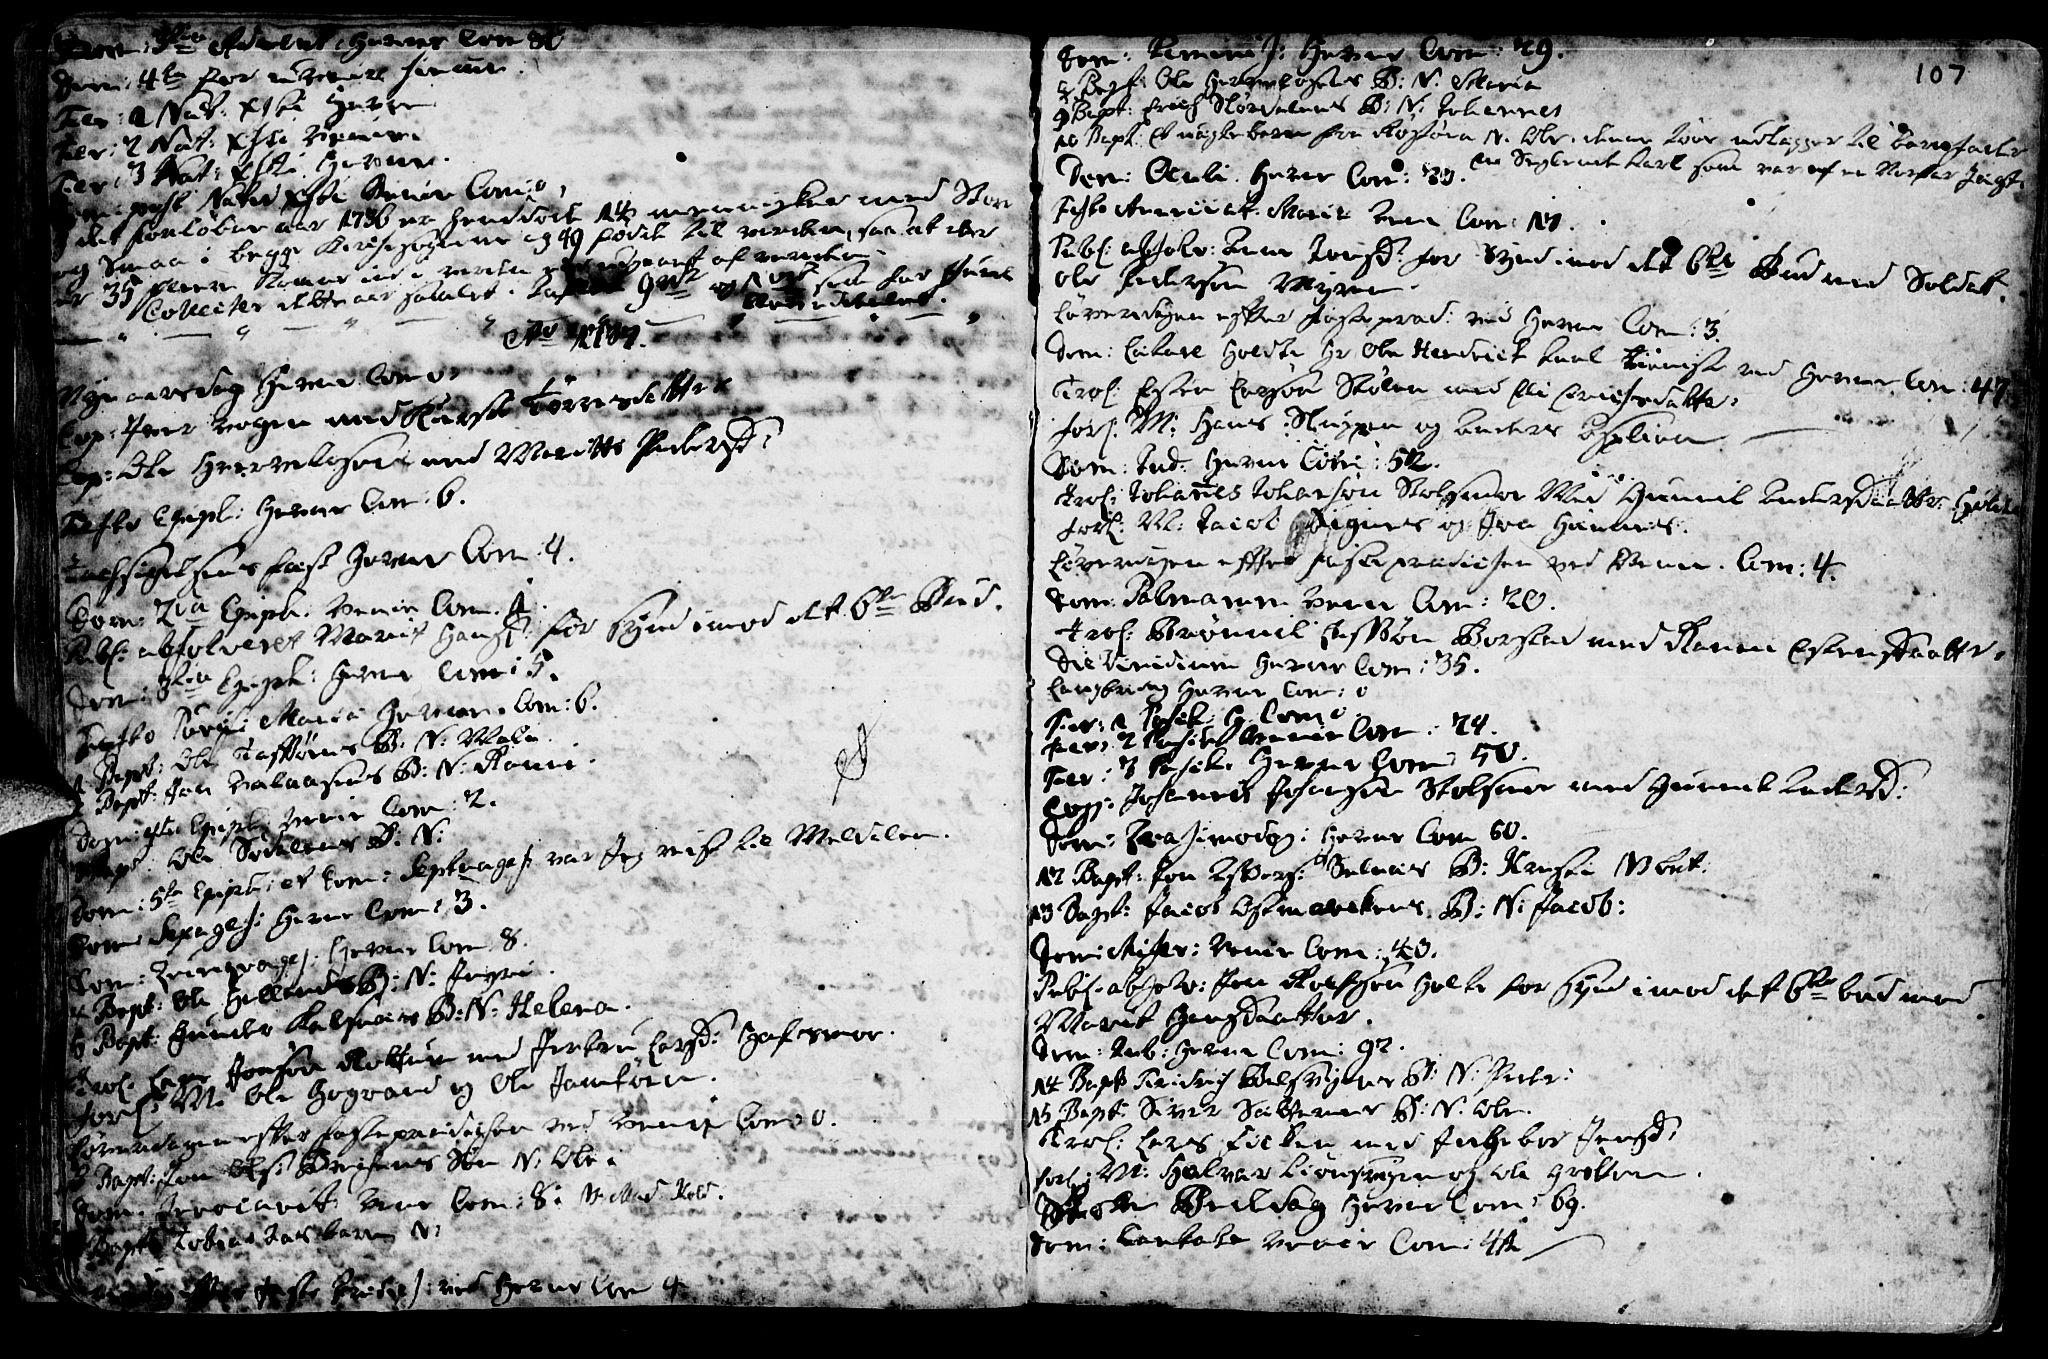 SAT, Ministerialprotokoller, klokkerbøker og fødselsregistre - Sør-Trøndelag, 630/L0488: Ministerialbok nr. 630A01, 1717-1756, s. 106-107